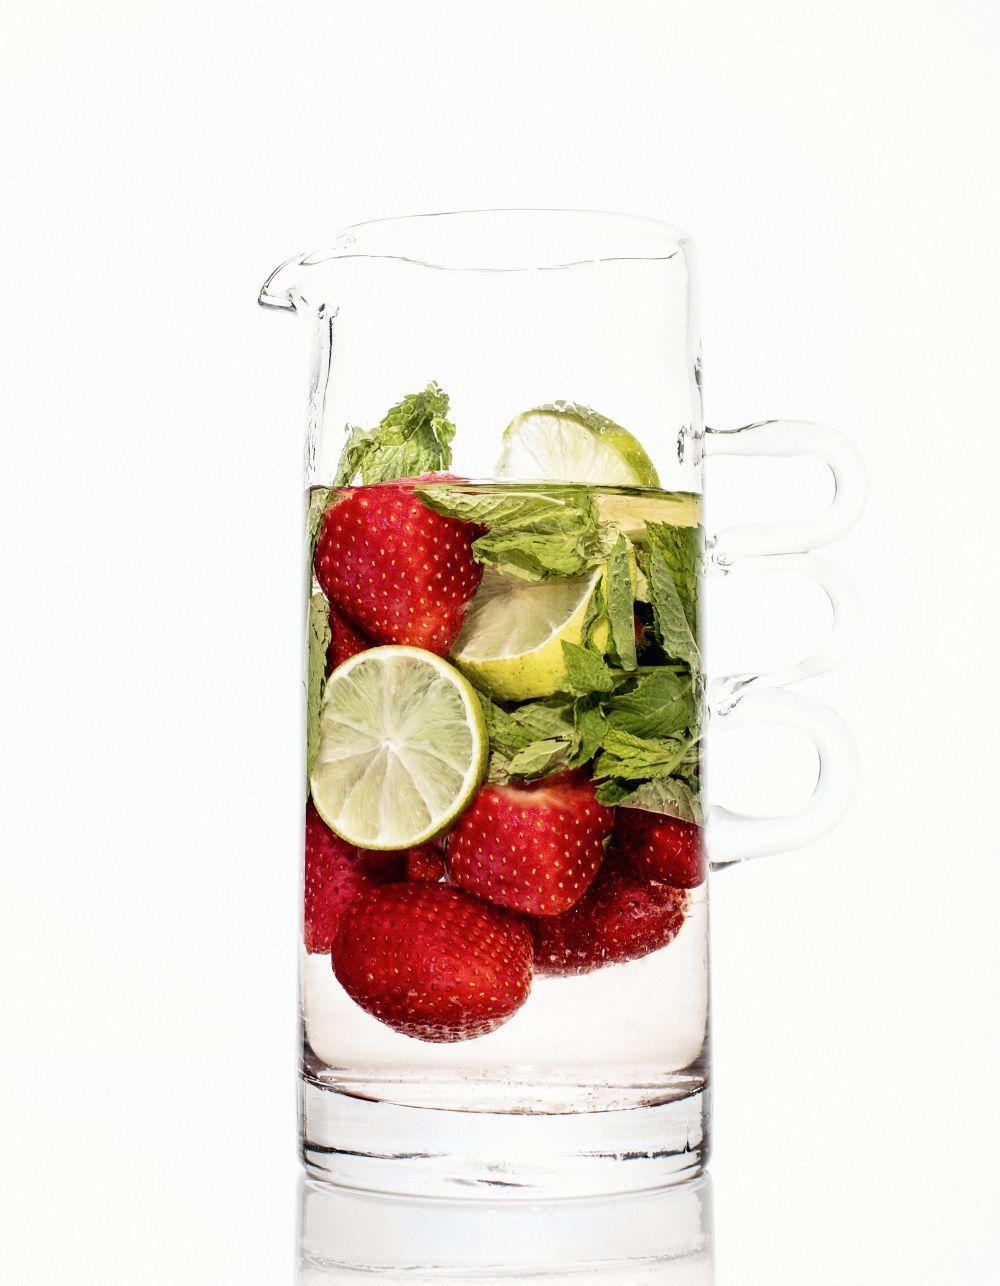 Cuando eliminamos cada vez más alimentos de nuestra dieta, lo que suele ocurrir es que se hace una dieta muy monótona y poco sostenible y una alimentación en la que el placer de comer es casi nulo